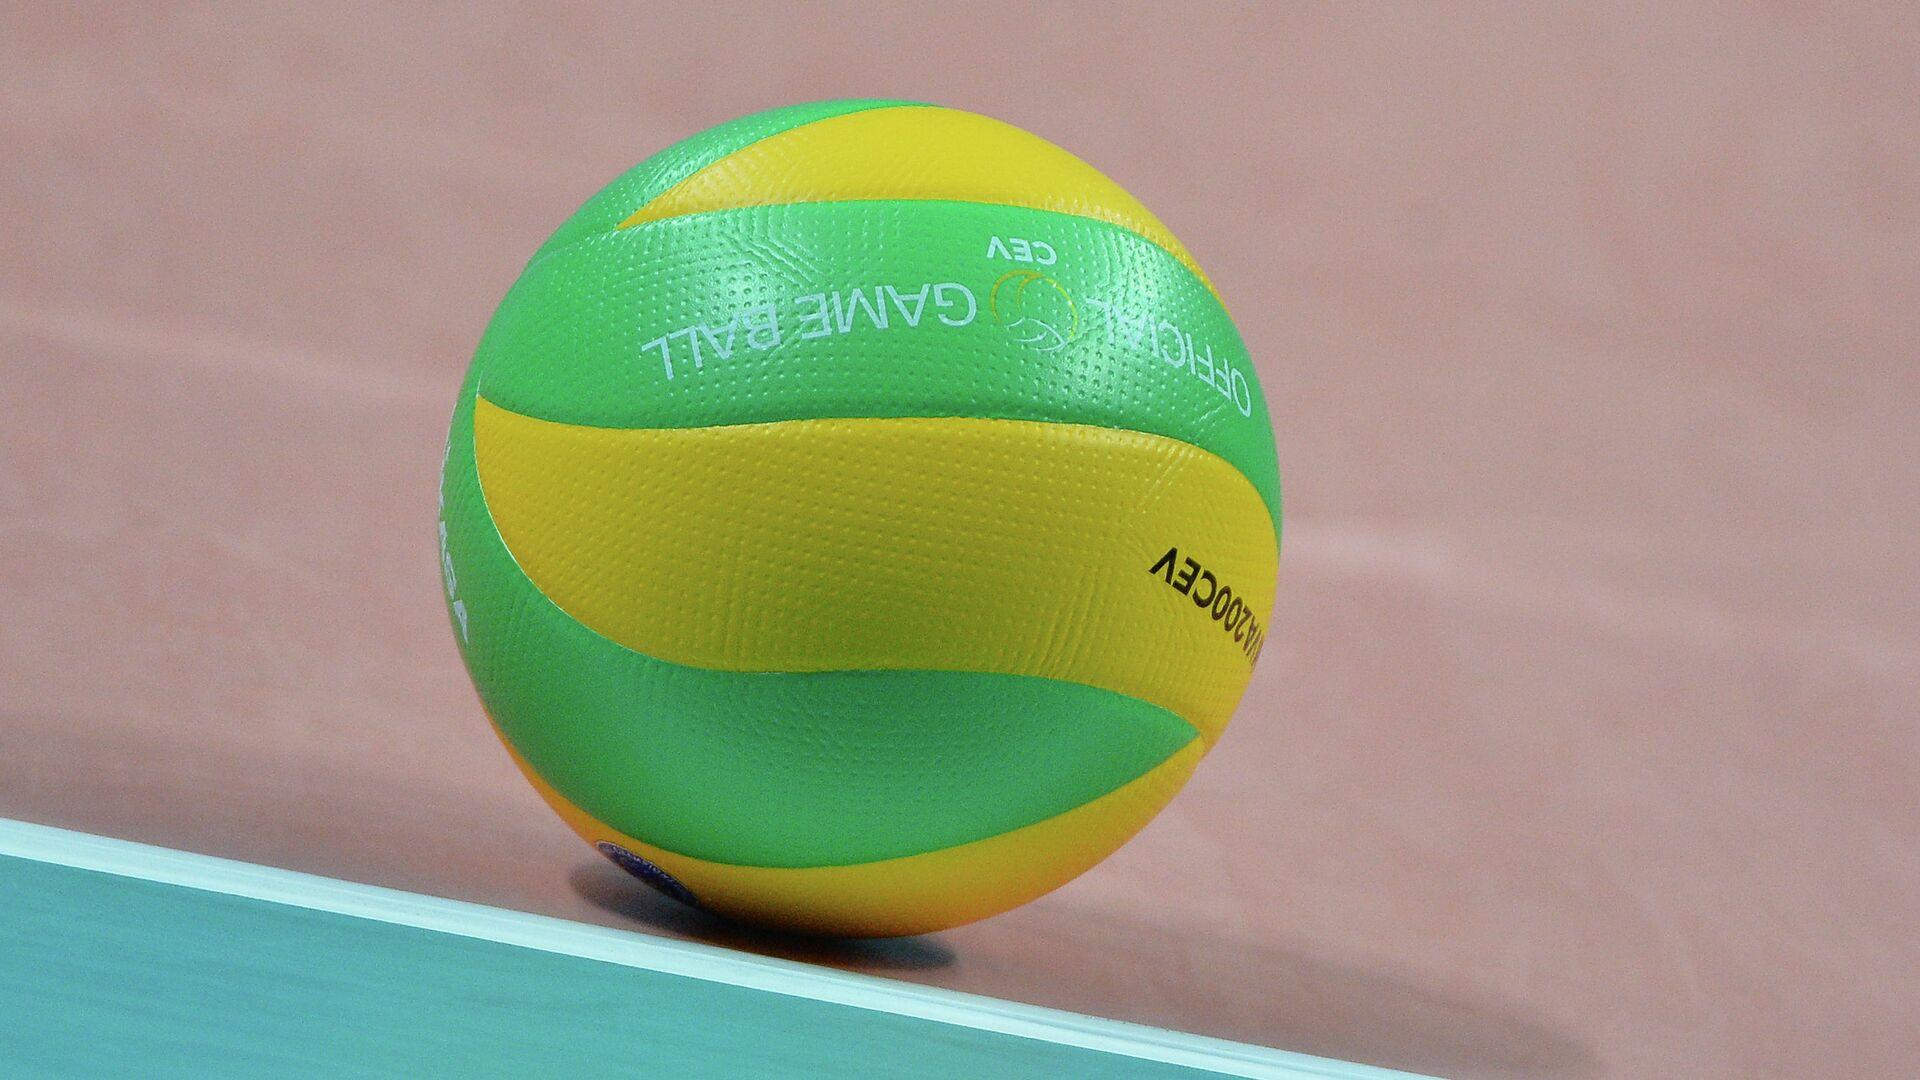 Волейбольный мяч - РИА Новости, 1920, 02.08.2021